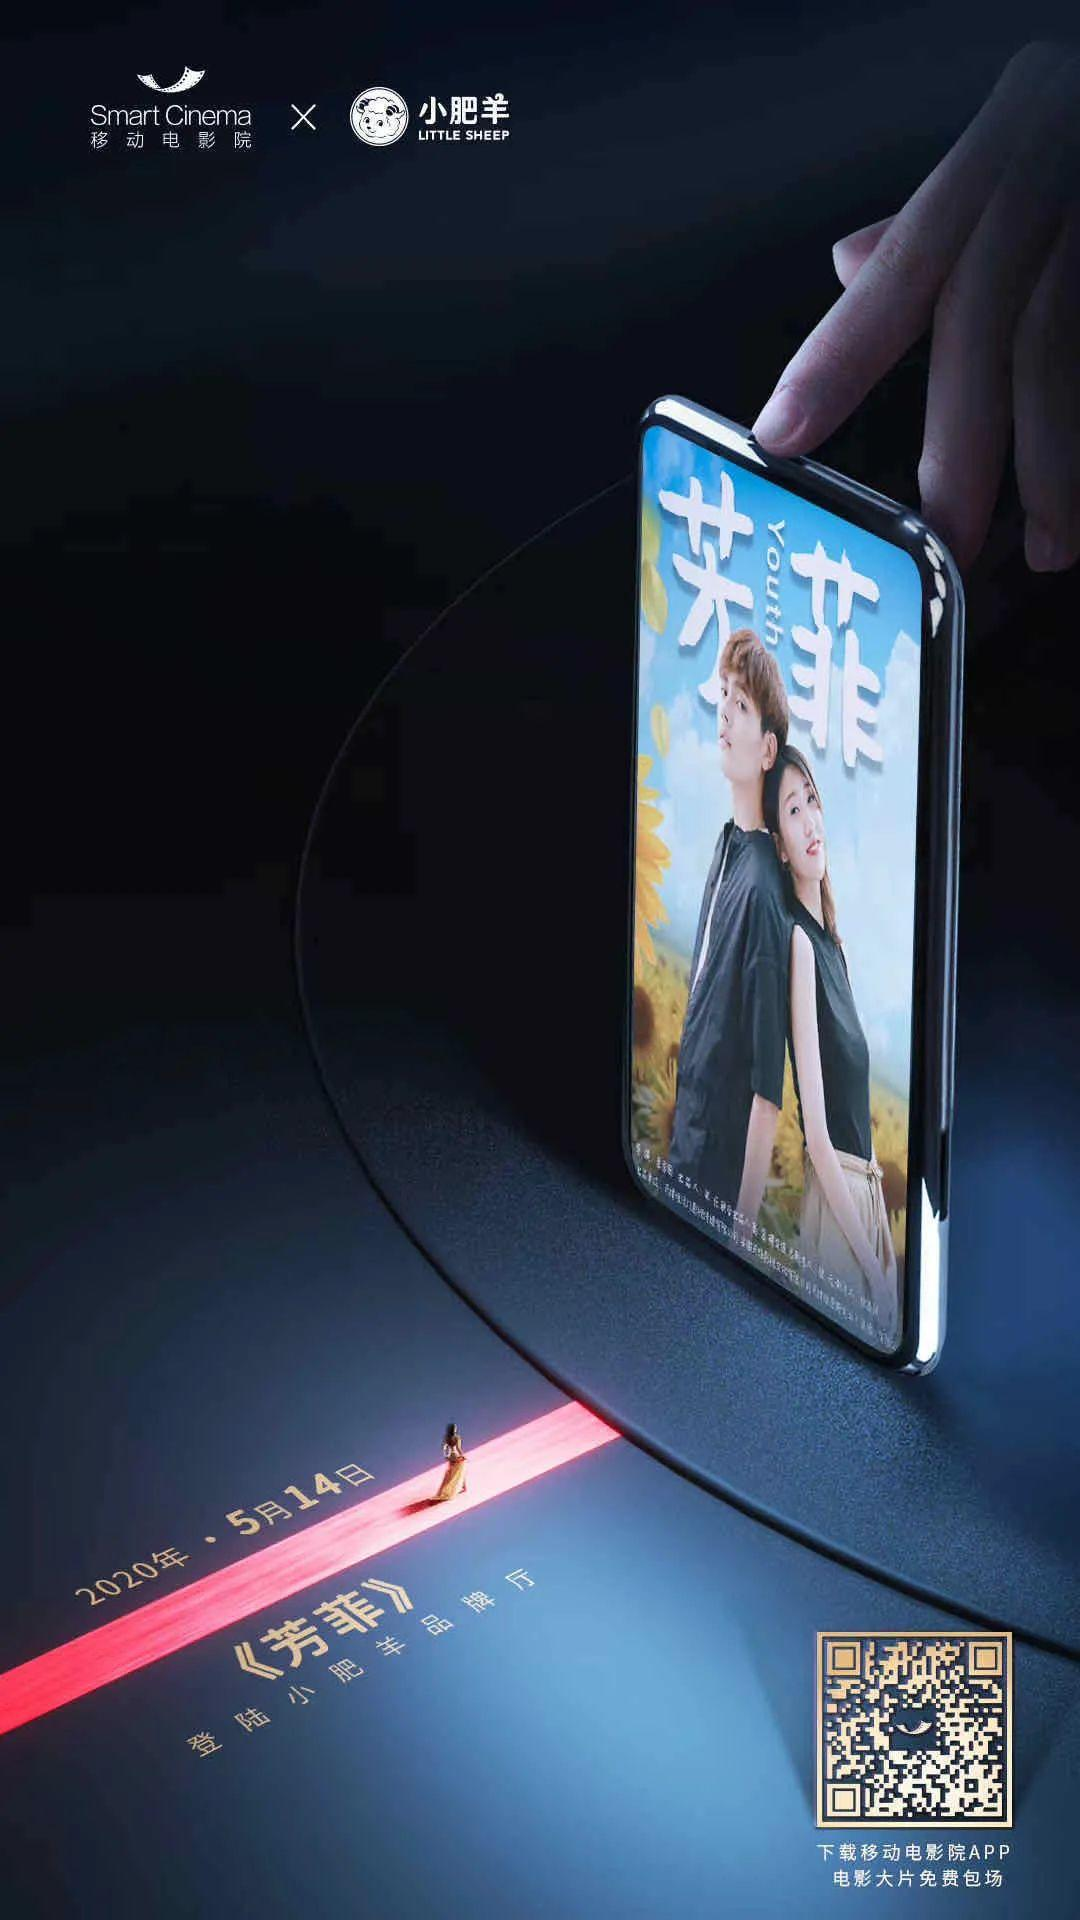 2020电影营销新大陆,打造品牌免疫力